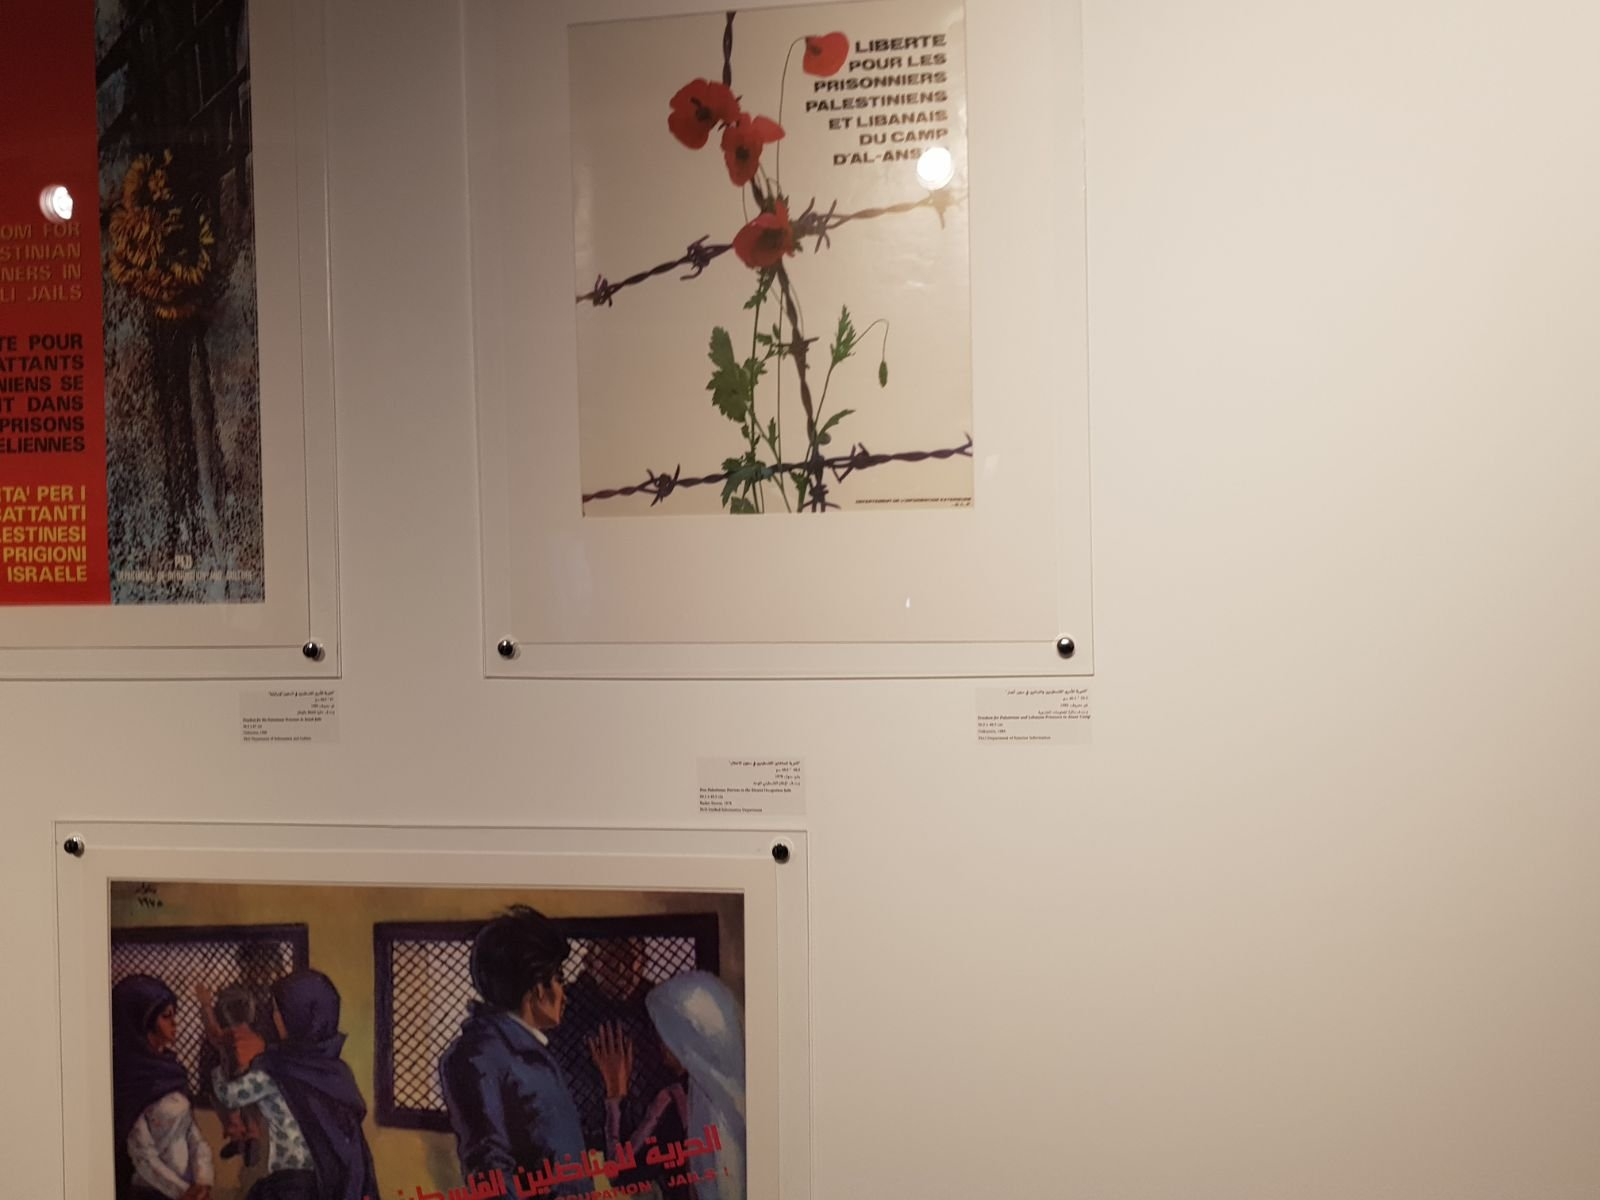 معرض يصور الأفكار والمفاهيم المتعلقة بالثورة الفلسطينية في عقدي السبعينات والثمانيات